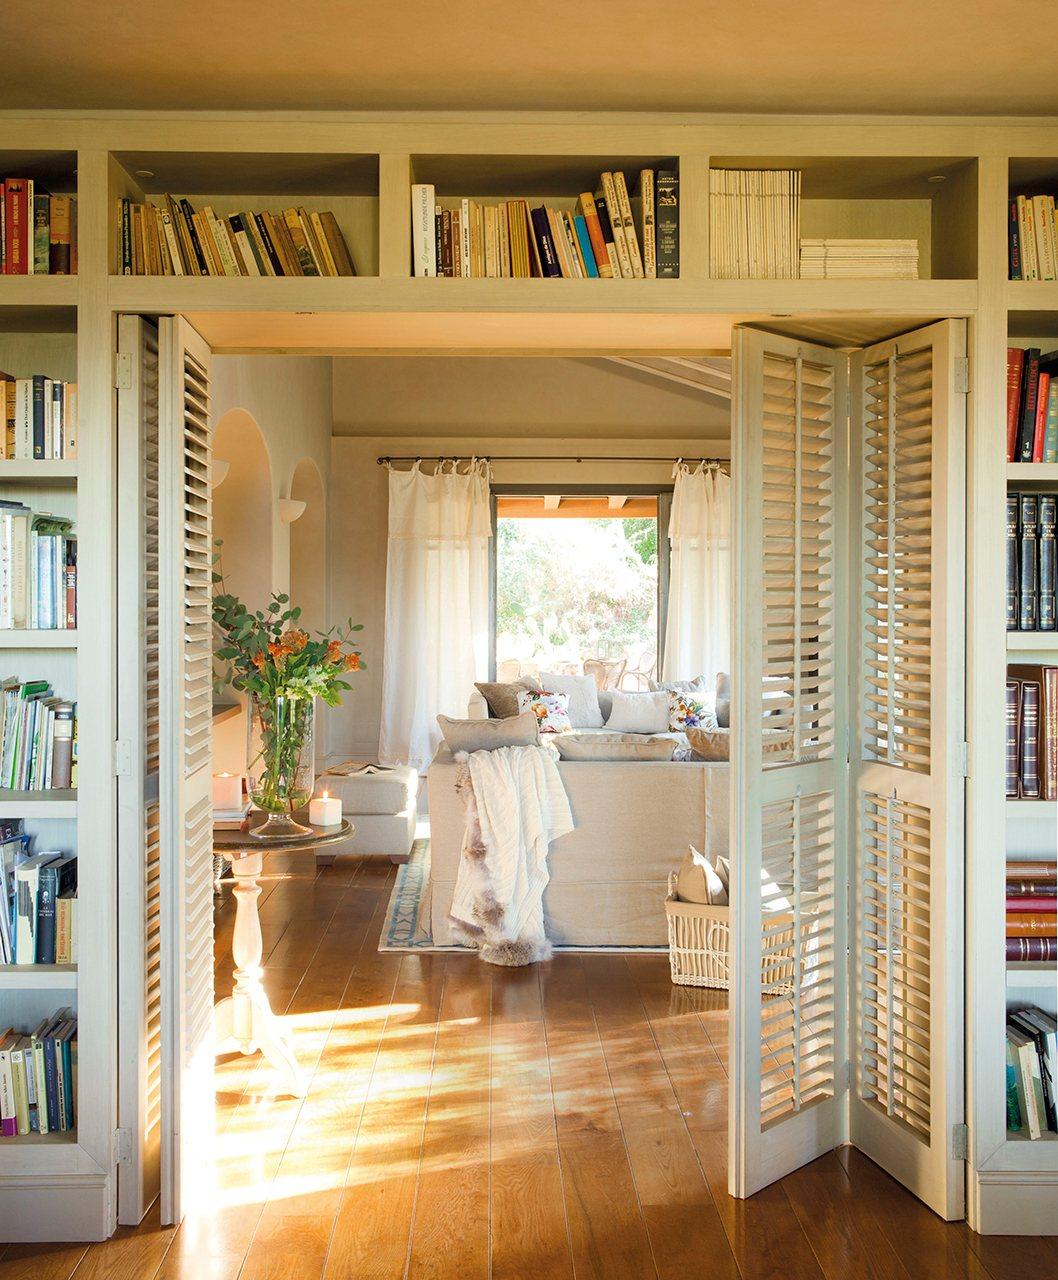 Gana una librer a extra aprovechando rincones for Librerias en salones